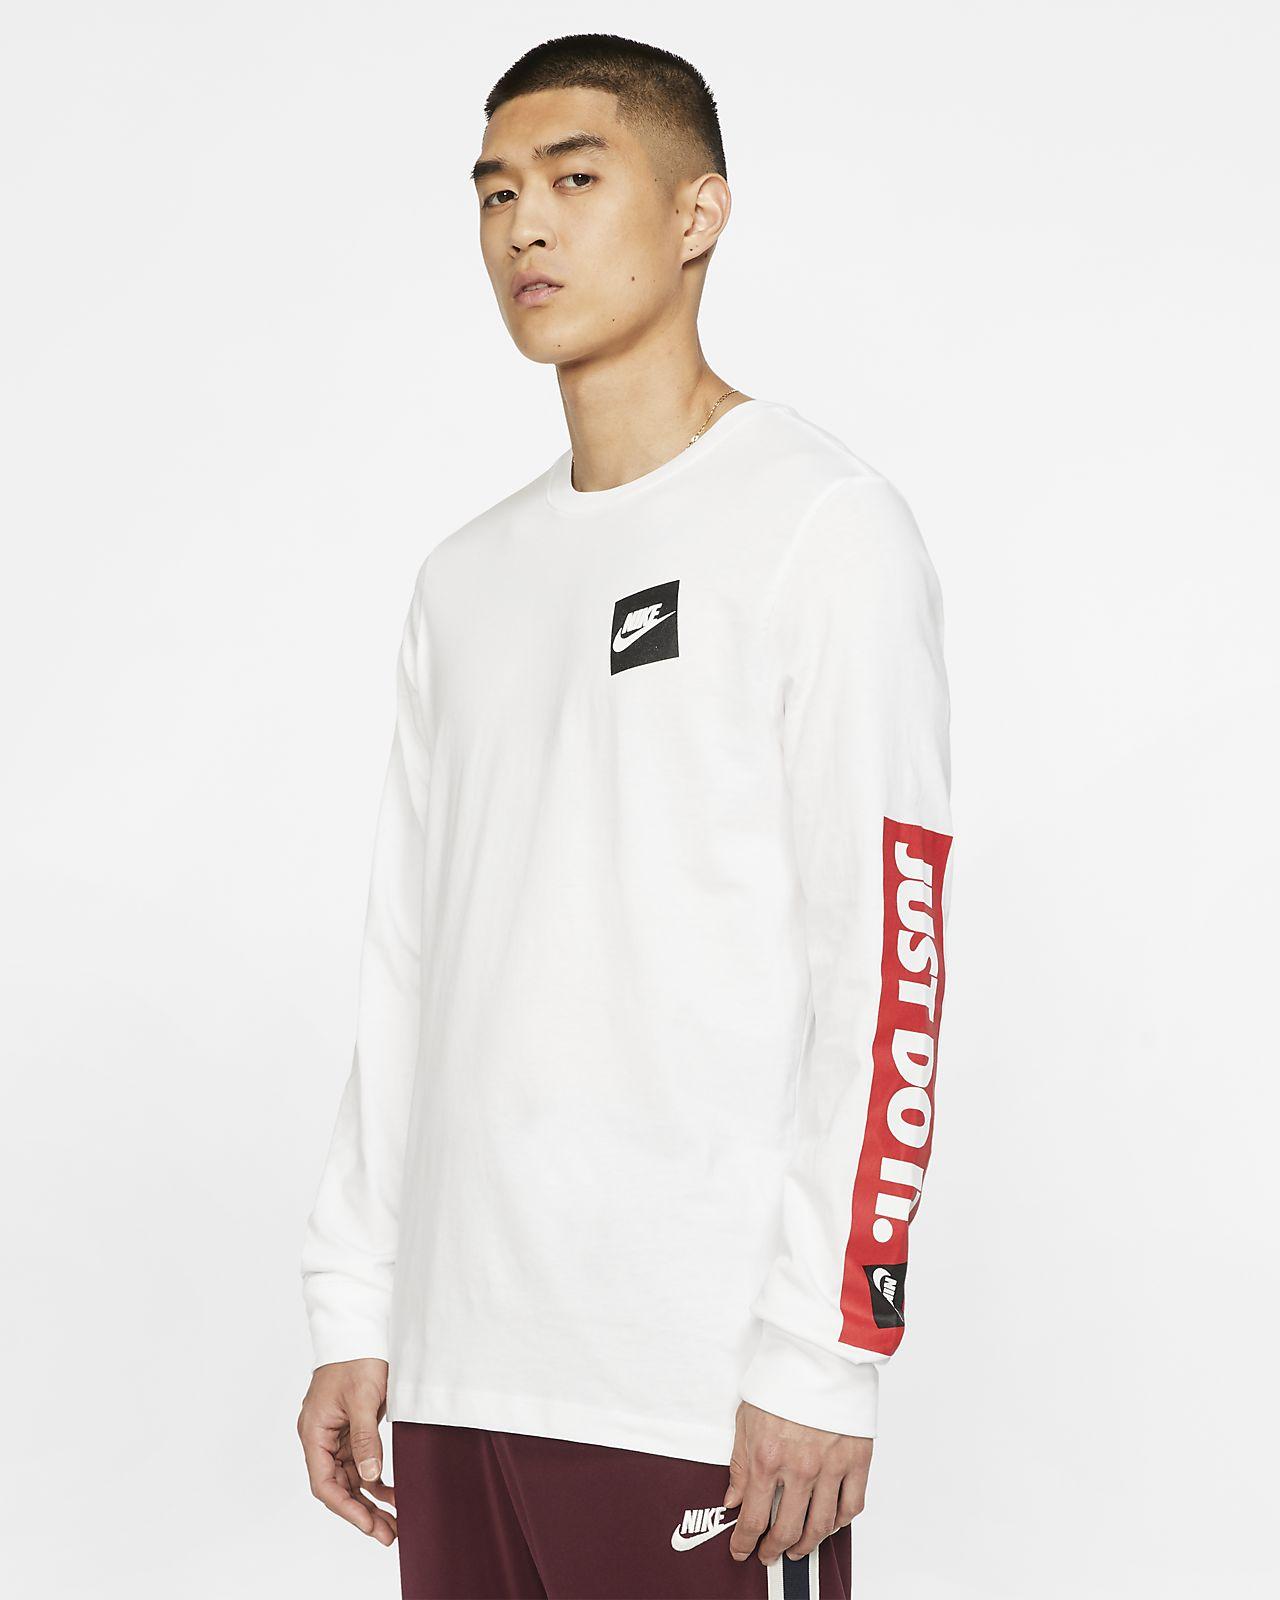 ナイキ スポーツウェア メンズ JDI ロングスリーブ Tシャツ